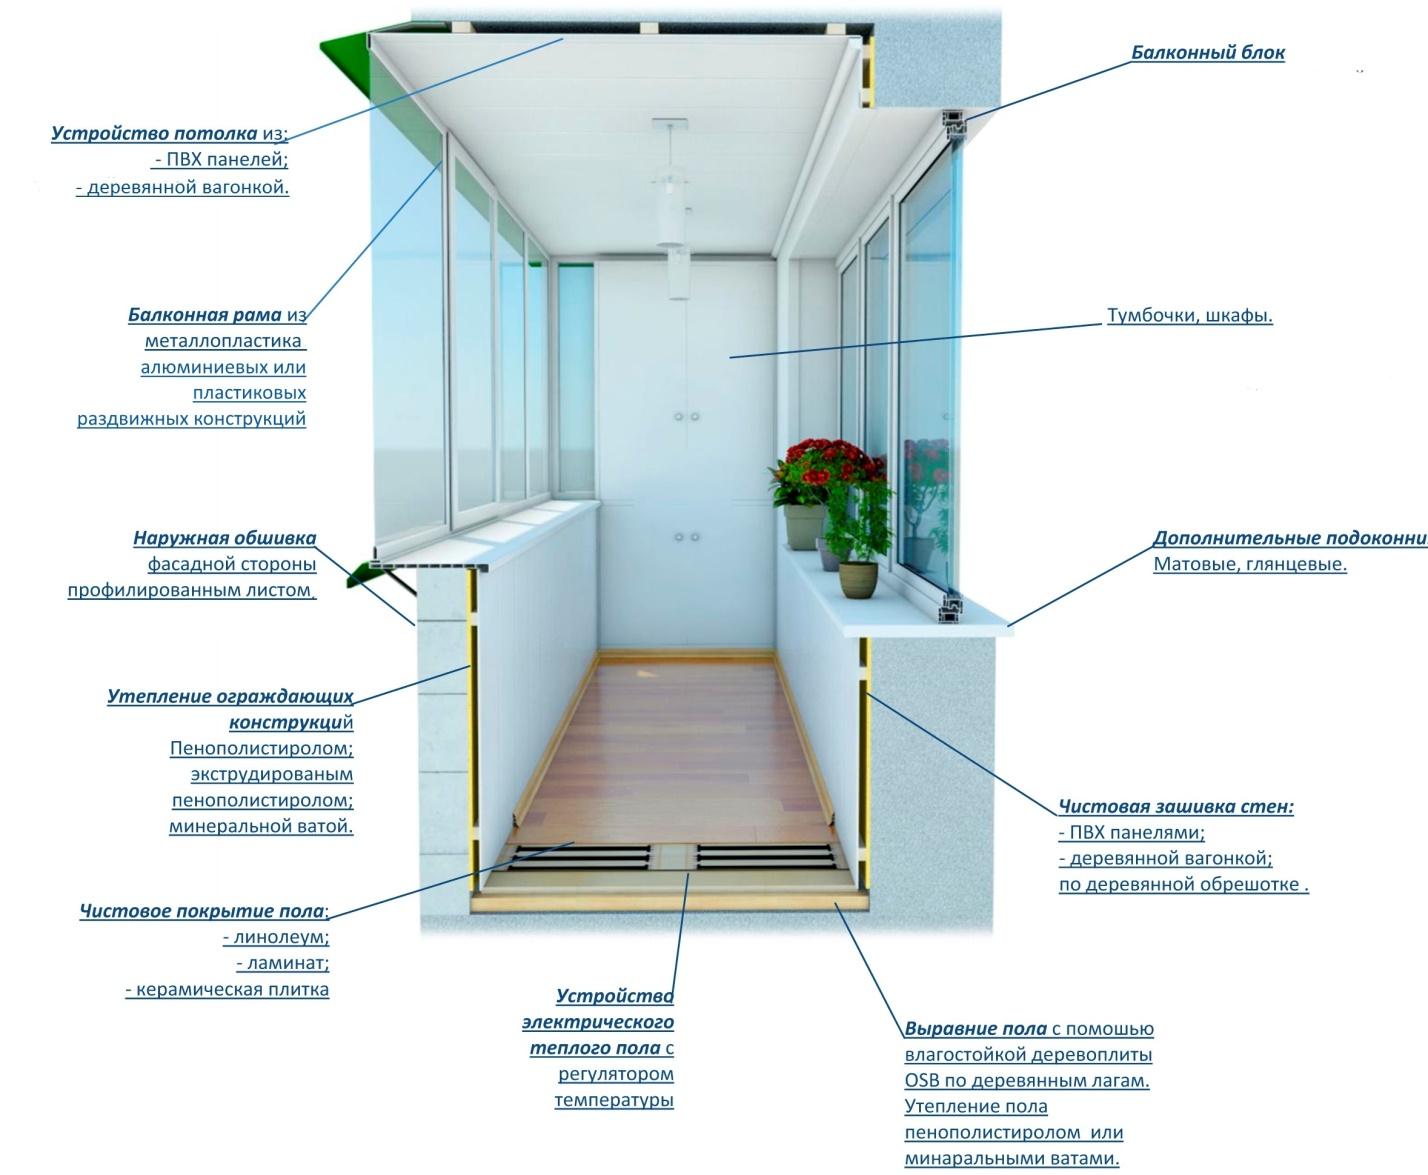 kak izbavitjsya ot kondensata na balkone image3 1 Ялта окна VEKA - изготовление и установка окон и дверей